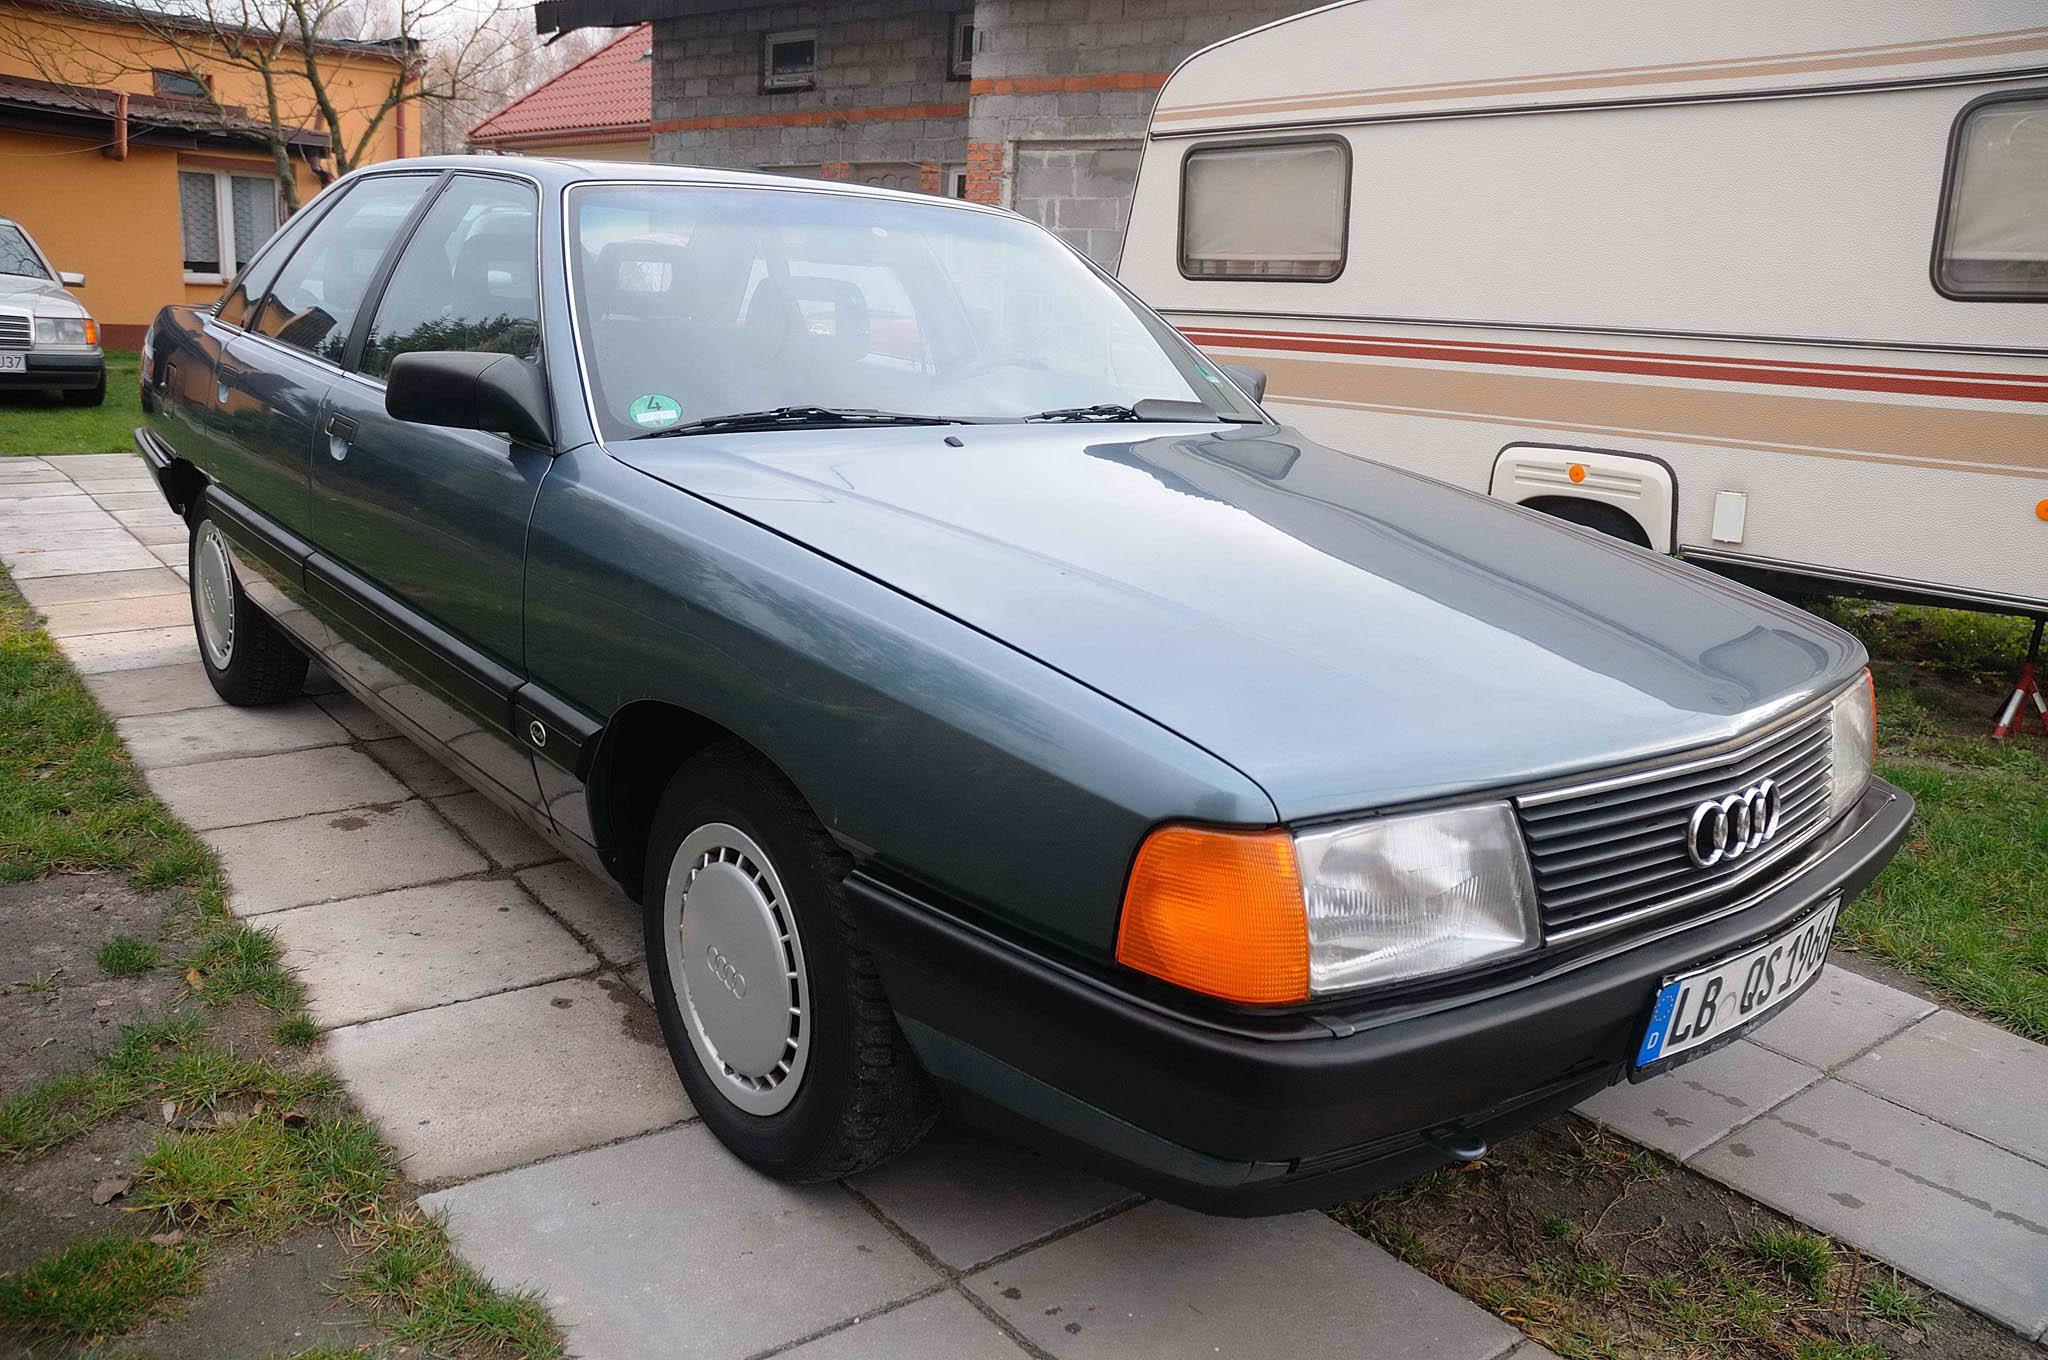 Audi 100 C3 1990 - 12999 PLN - Zduńska Wola | Giełda klasyków